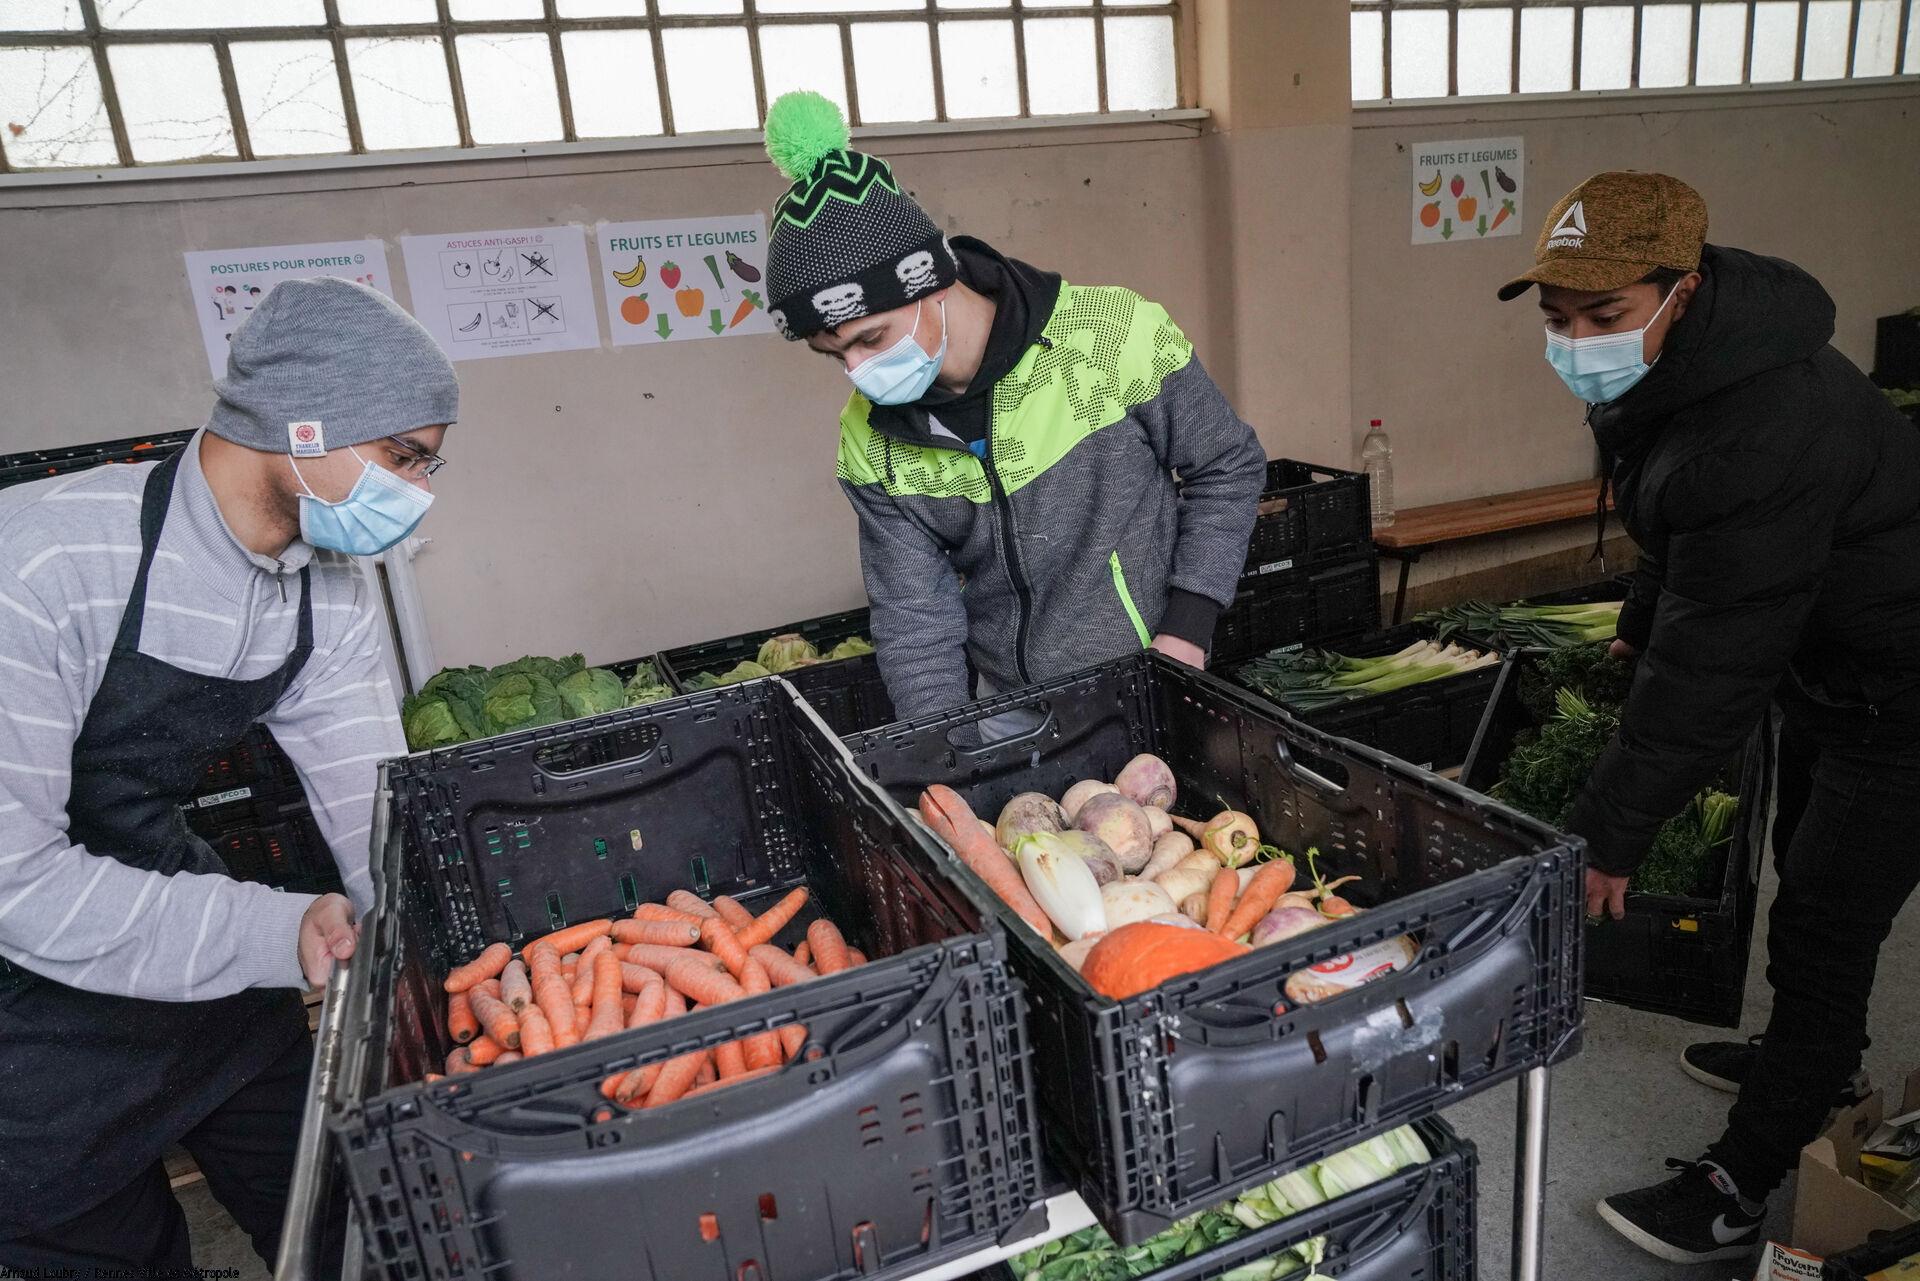 Bénévoles en train de charger des caisses d'aliments sur un charriot